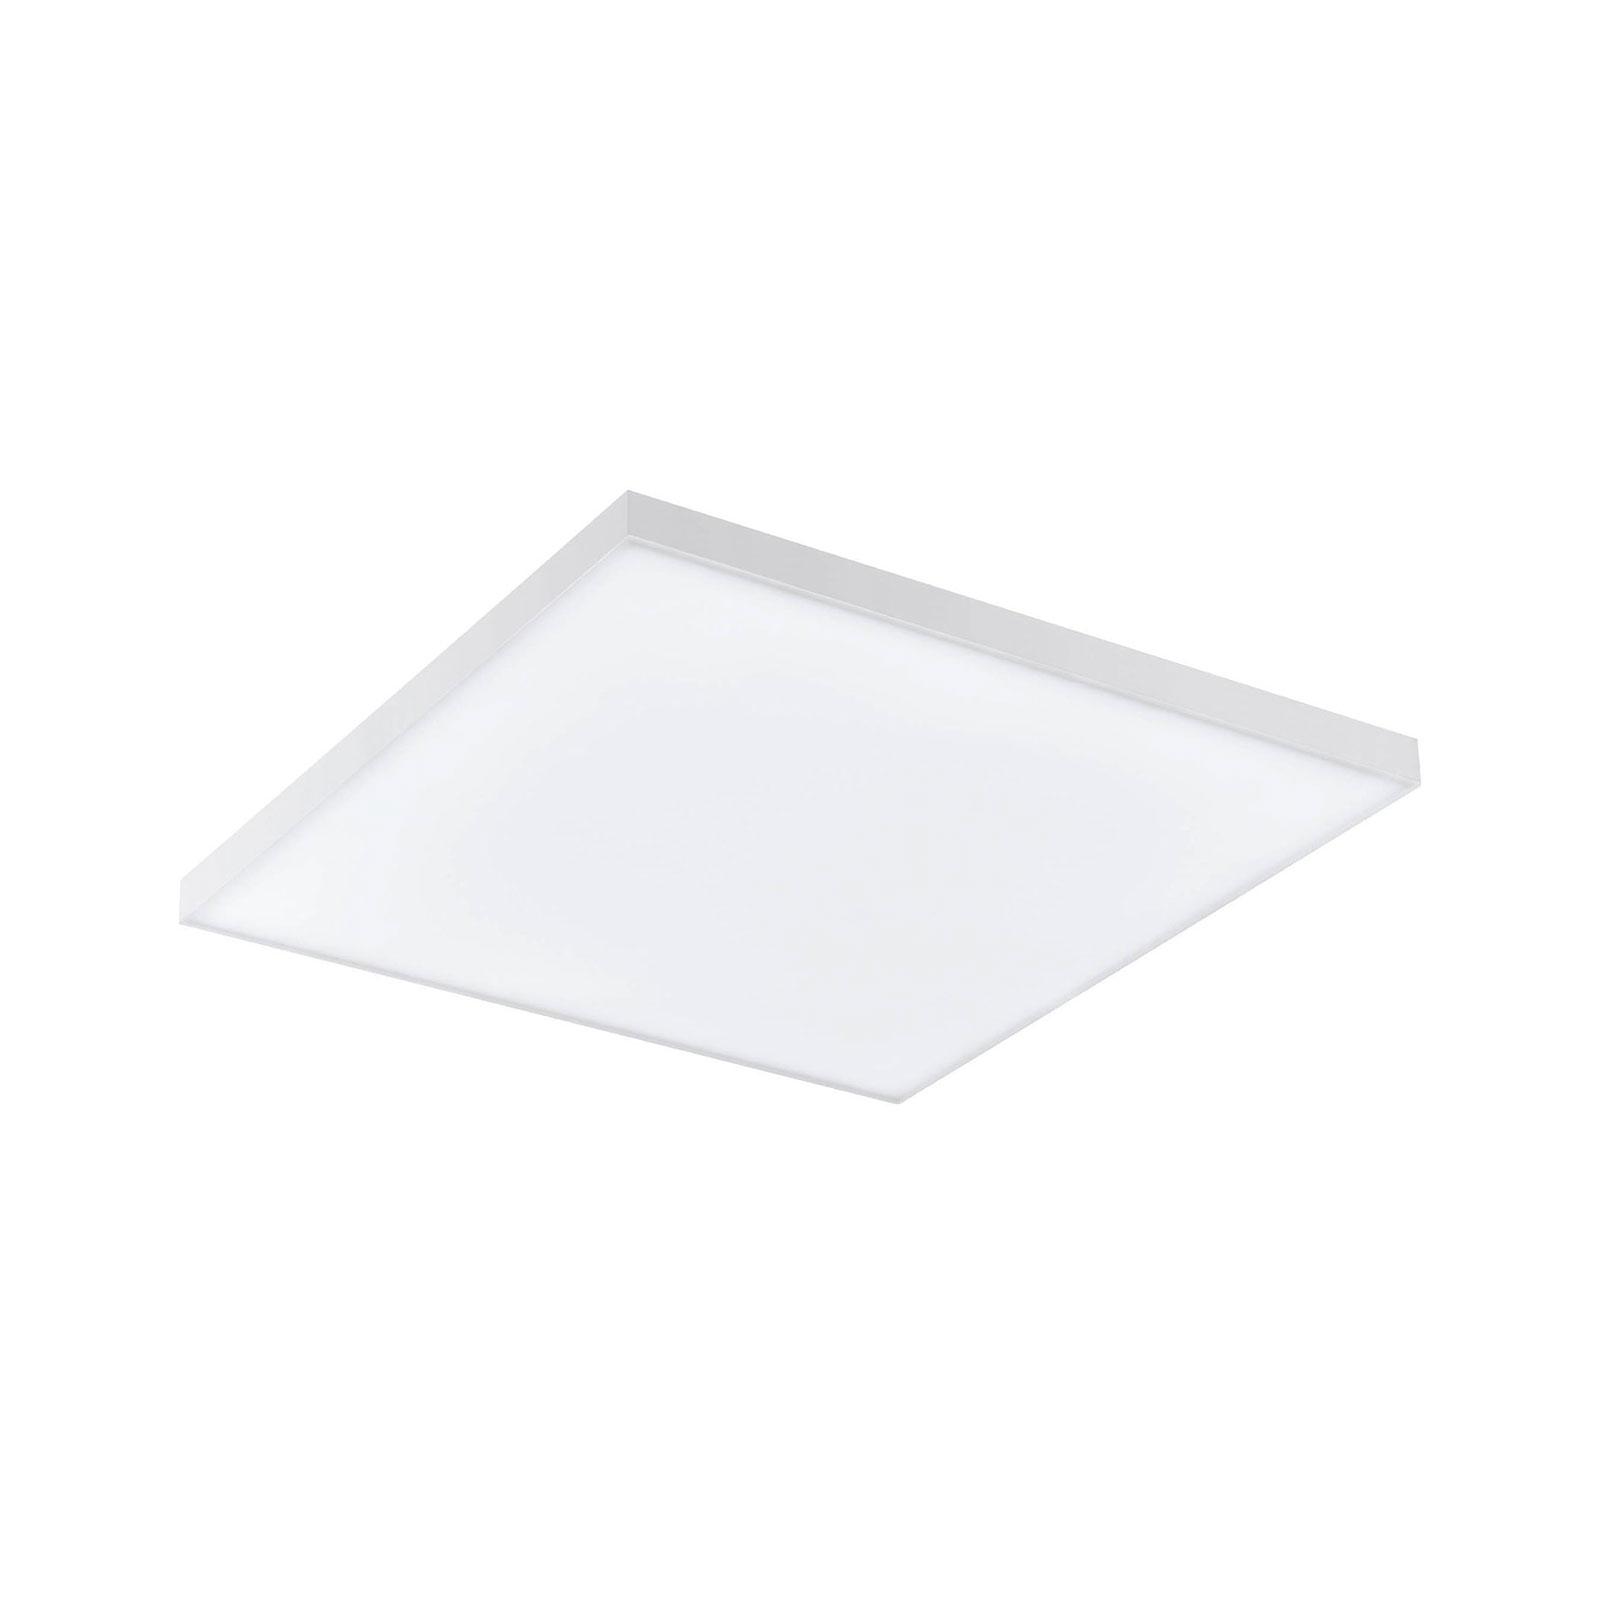 EGLO connect Turcona-C lampa sufitowa LED 30x30 cm